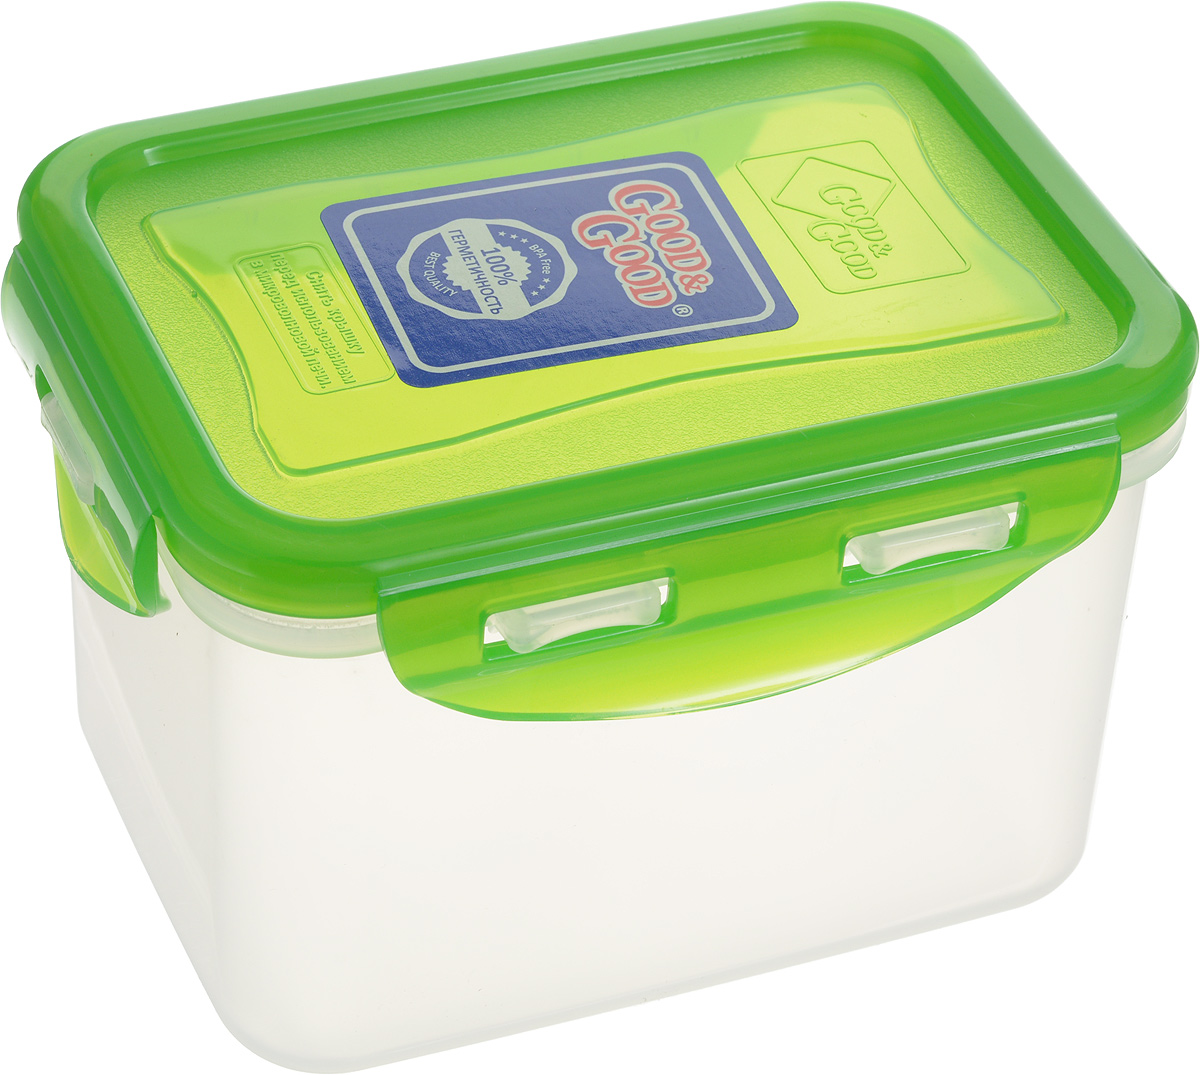 Контейнер пищевой Good&Good, цвет: зеленый, 630 мл. B/COL 02-2B/COL 02-2_зеленыйПрямоугольный контейнер Good&Good изготовлен извысококачественного полипропилена и предназначен дляхранения любых пищевых продуктов. Благодаря особымтехнологиям изготовления, лотки в течение временислужбы не меняют цвет и не пропитываются запахами. Крышкас силиконовой вставкой герметично защелкиваетсяспециальным механизмом. Контейнер Good&Good удобен для ежедневногоиспользования в быту.Можно мыть в посудомоечной машине и использовать вмикроволновой печи.Размер контейнера (с учетом крышки): 13 х 9,5 х 8,5 см.